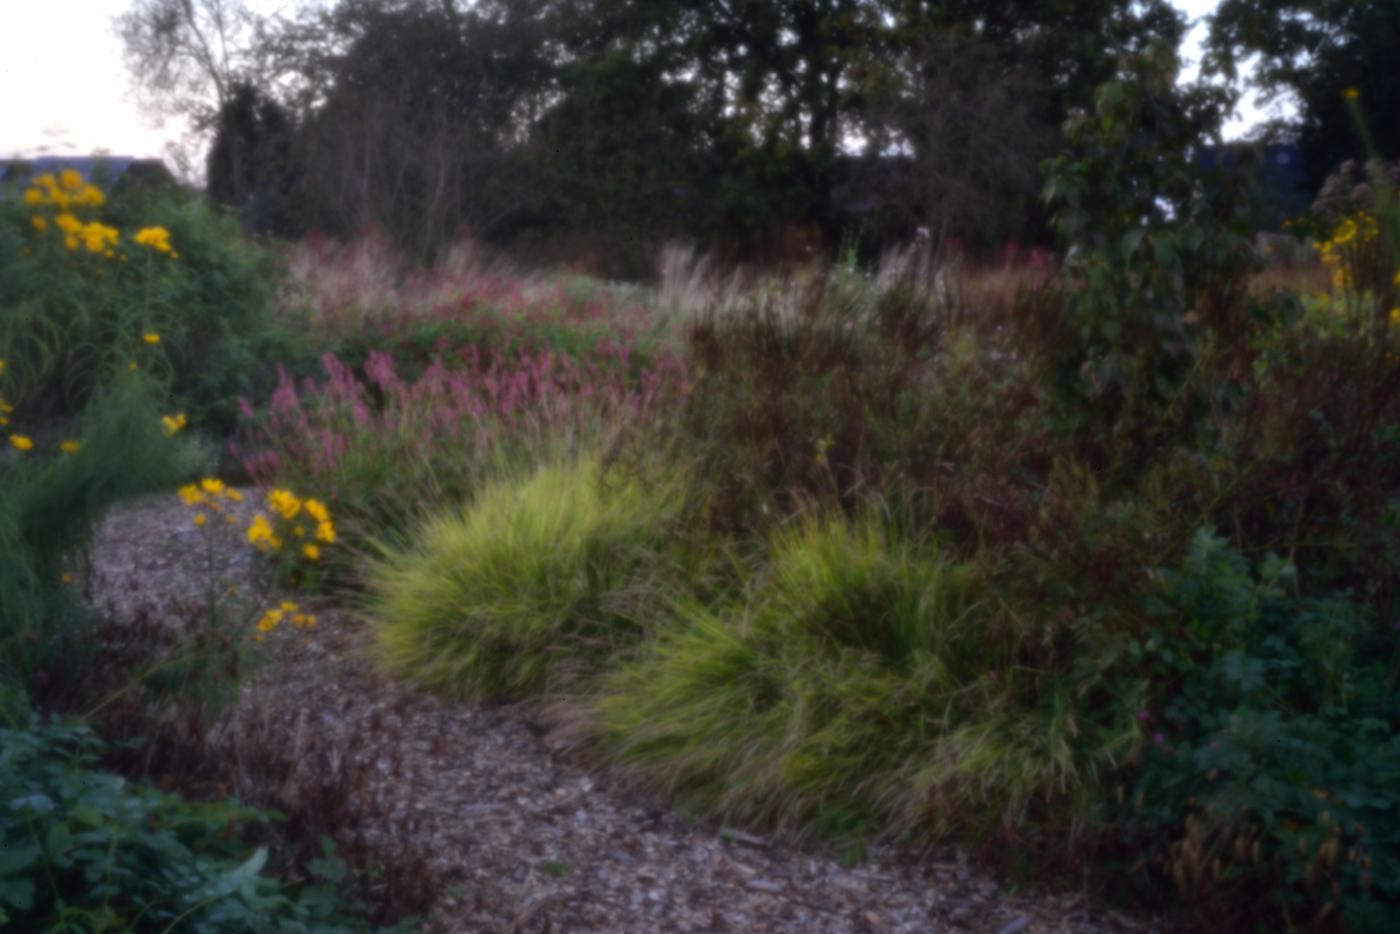 Sesleria autumnalis zeigt besonders abends seine leuchtende Farbe